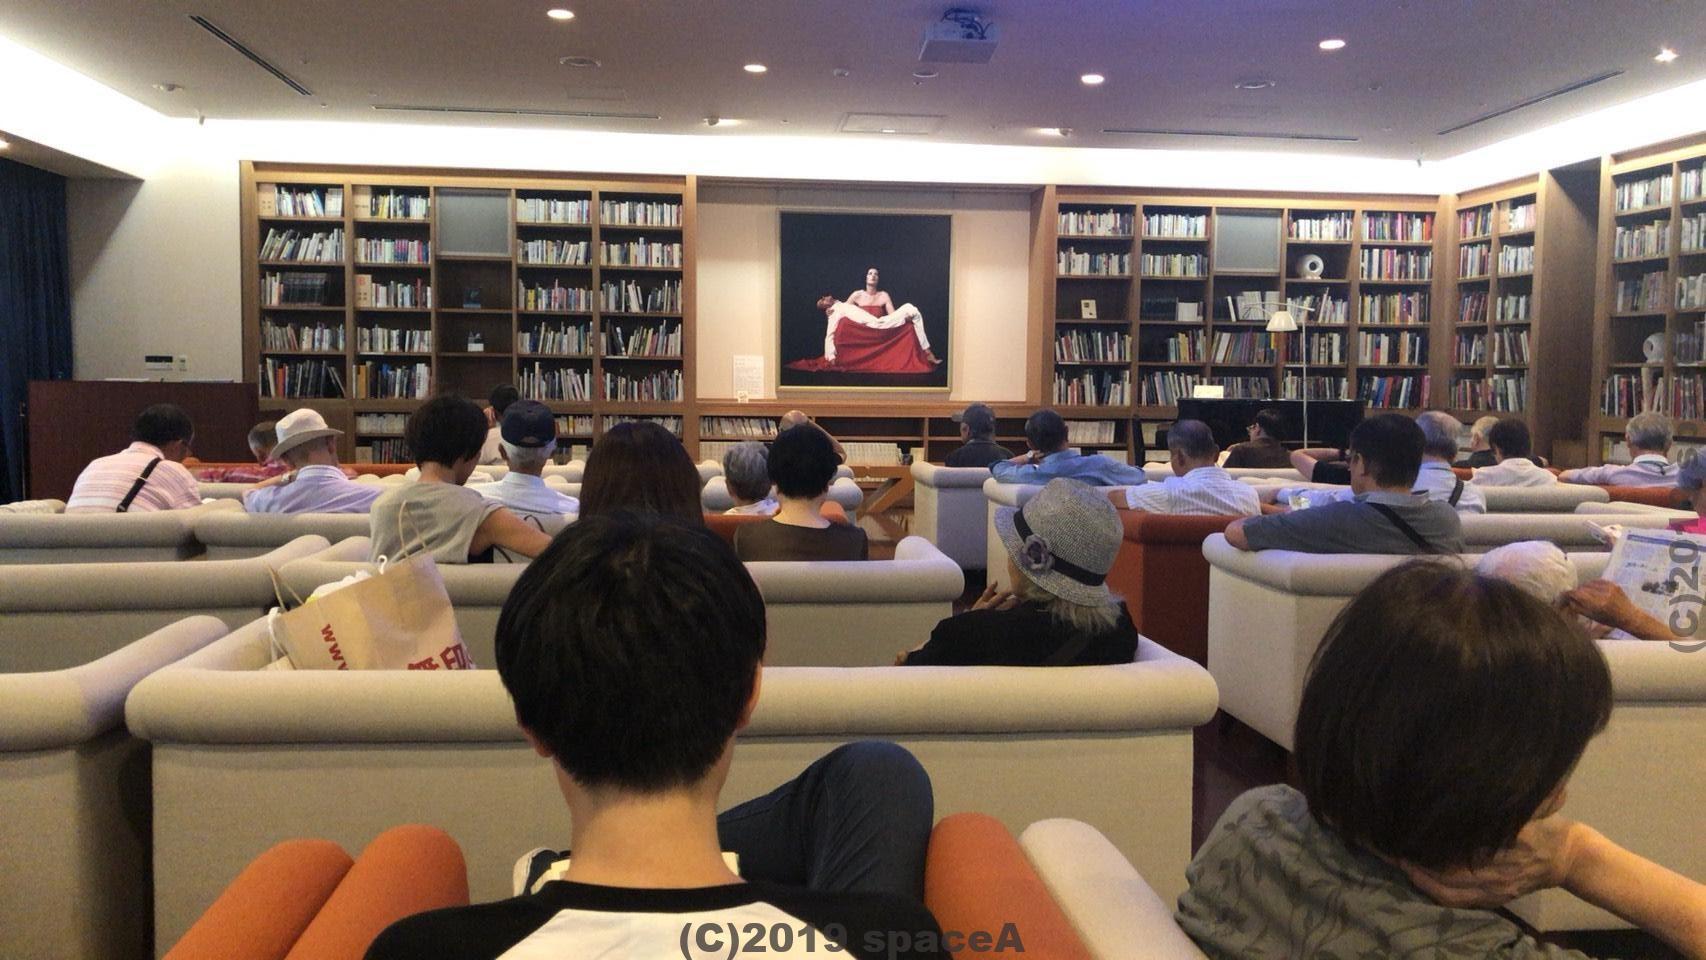 熊本市現代美術館の月曜ロードショーの様子